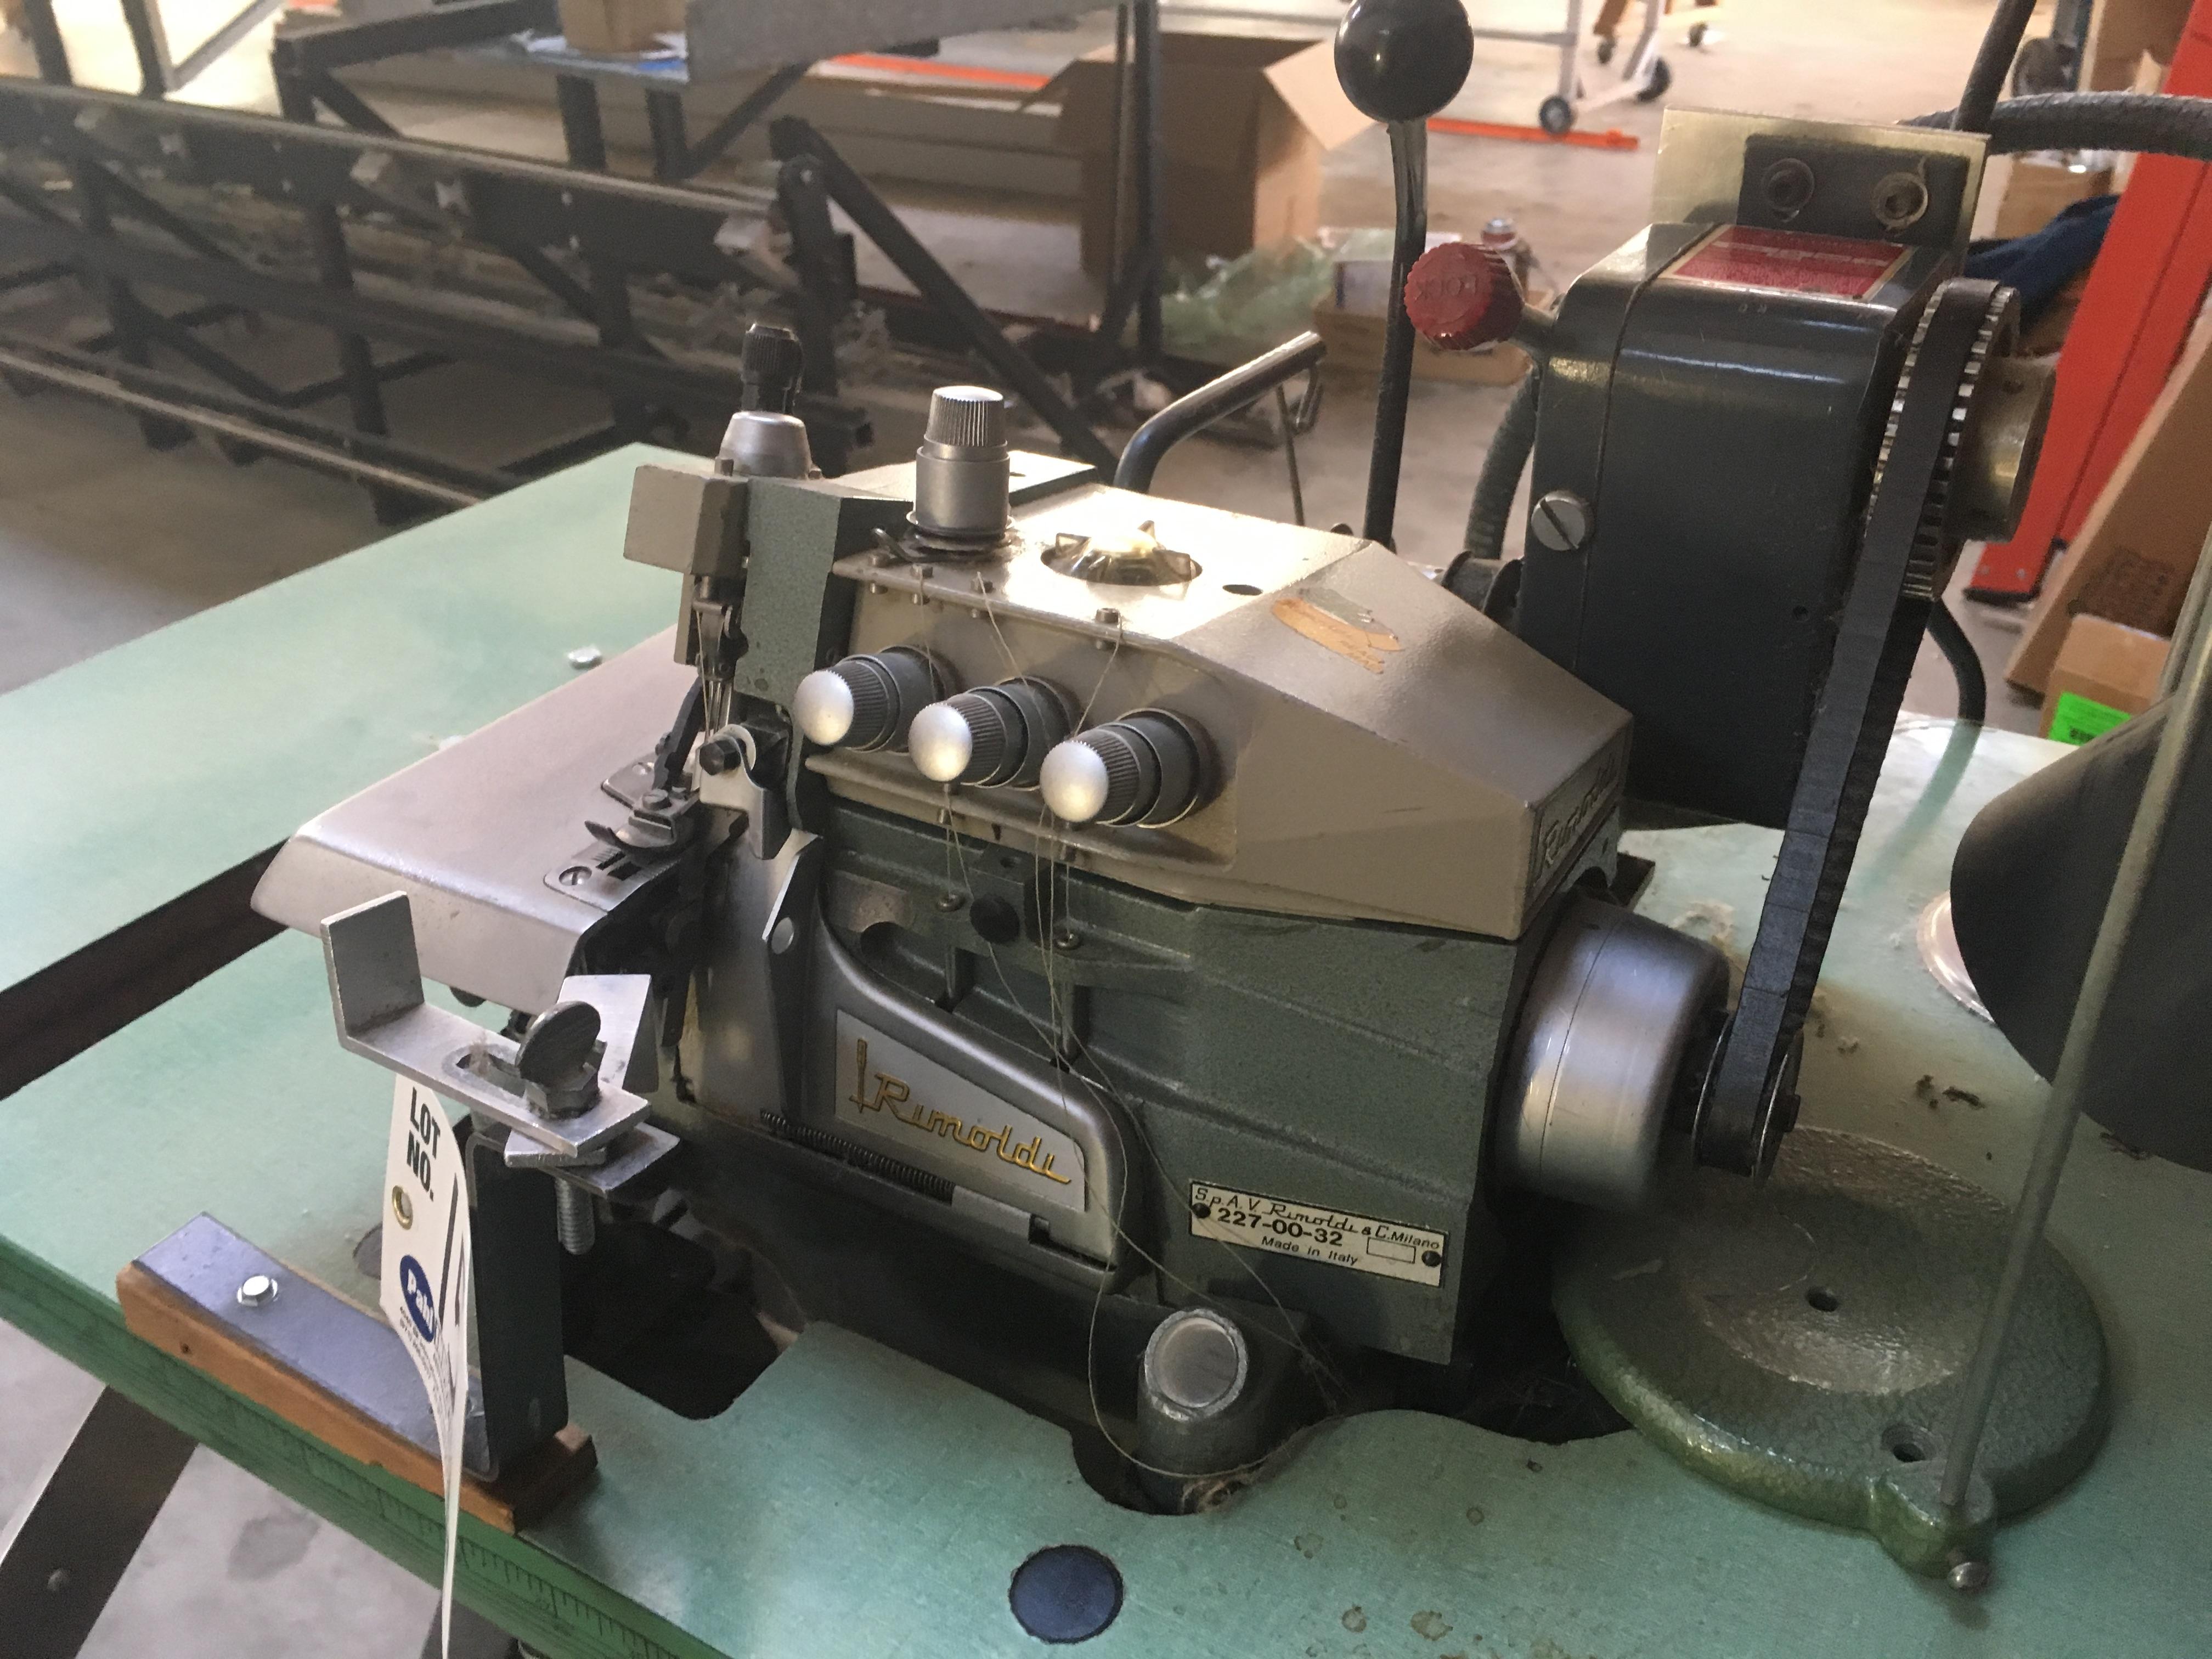 Lot 15 - Rimoldi 227-00-32 Serger Sewing Machine